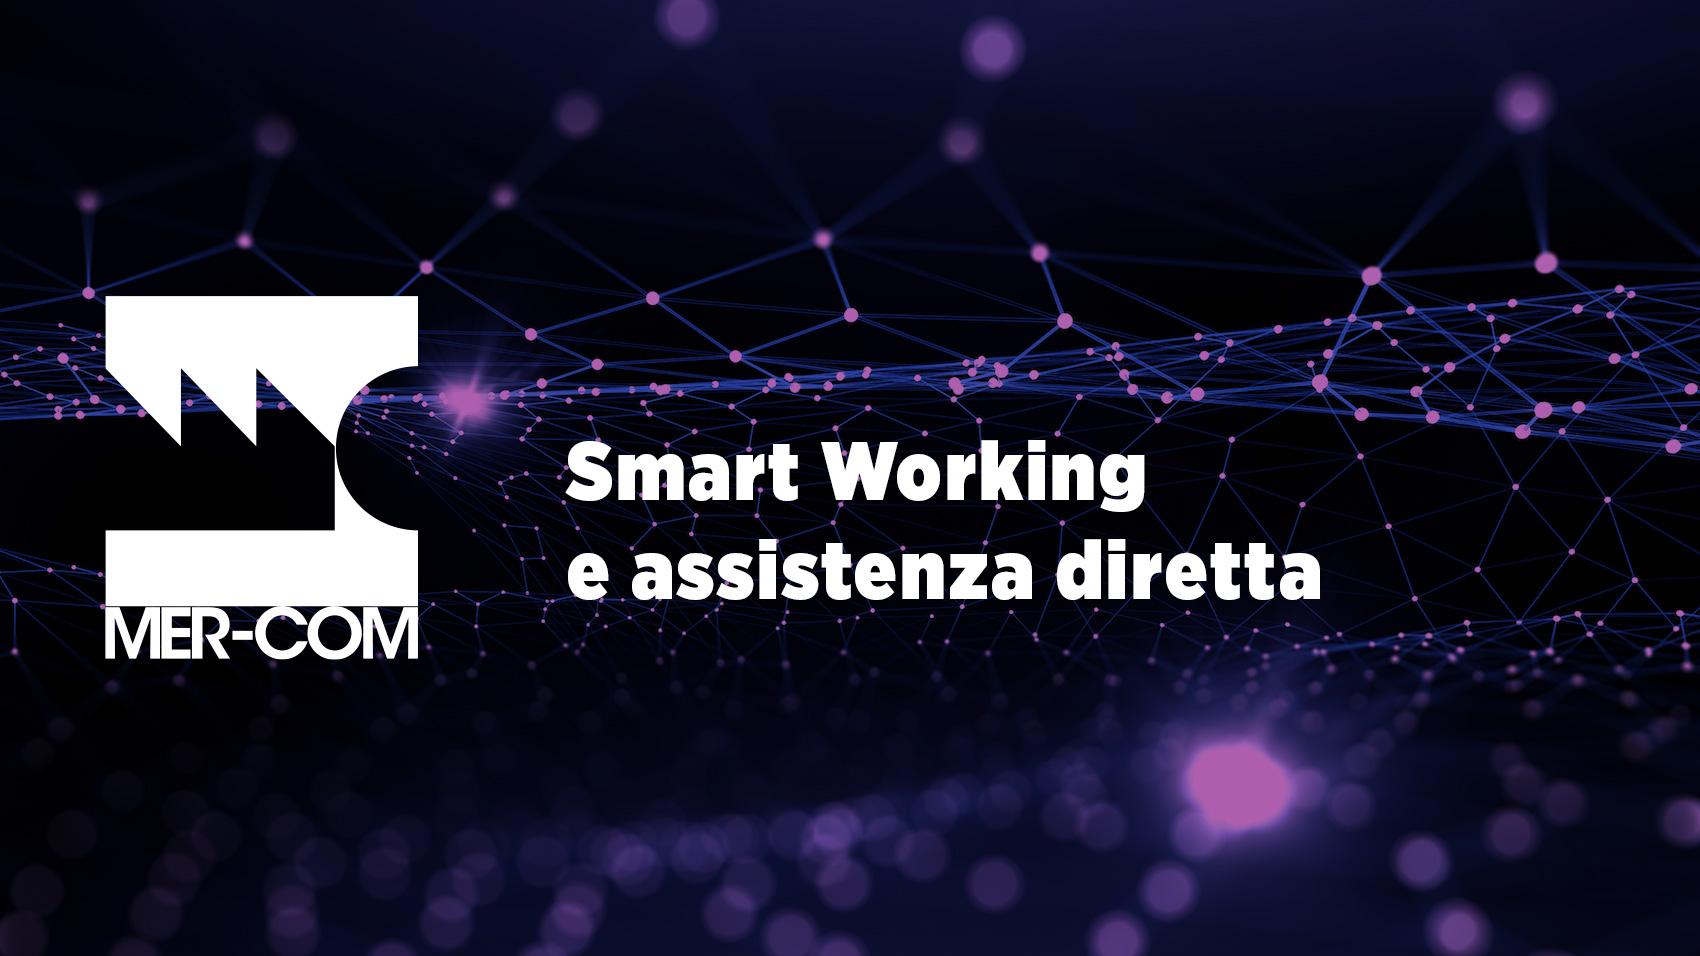 Mer-Com e CoViD-19 Smart Working e assistenza diretta